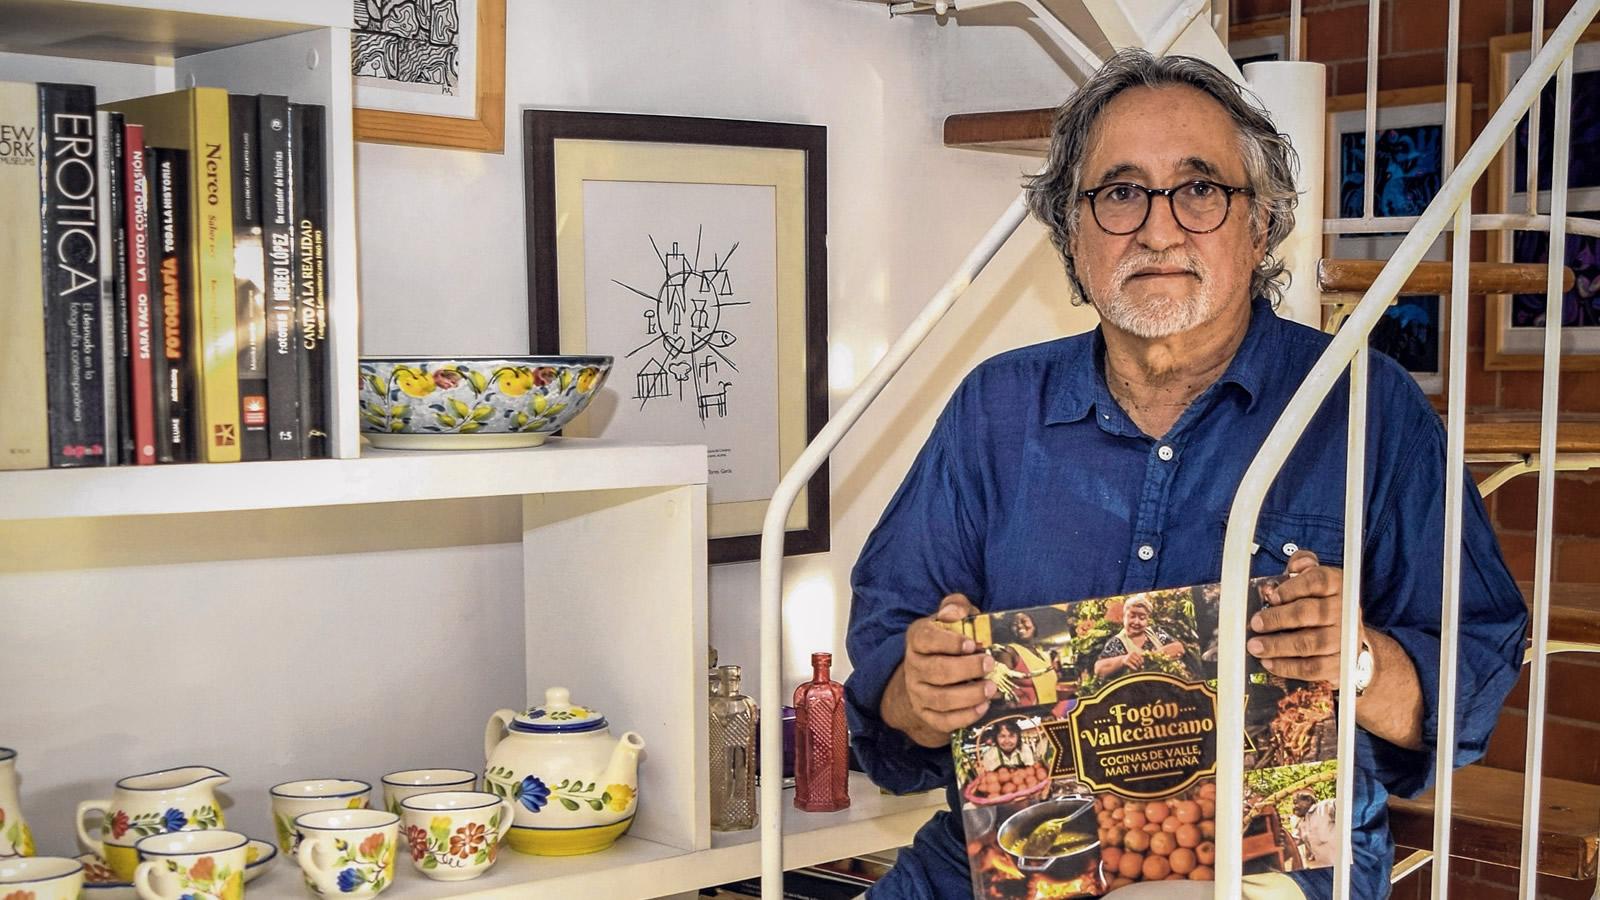 La historia de Enrique Sánchez, el estudioso de los sabores vallecaucanos